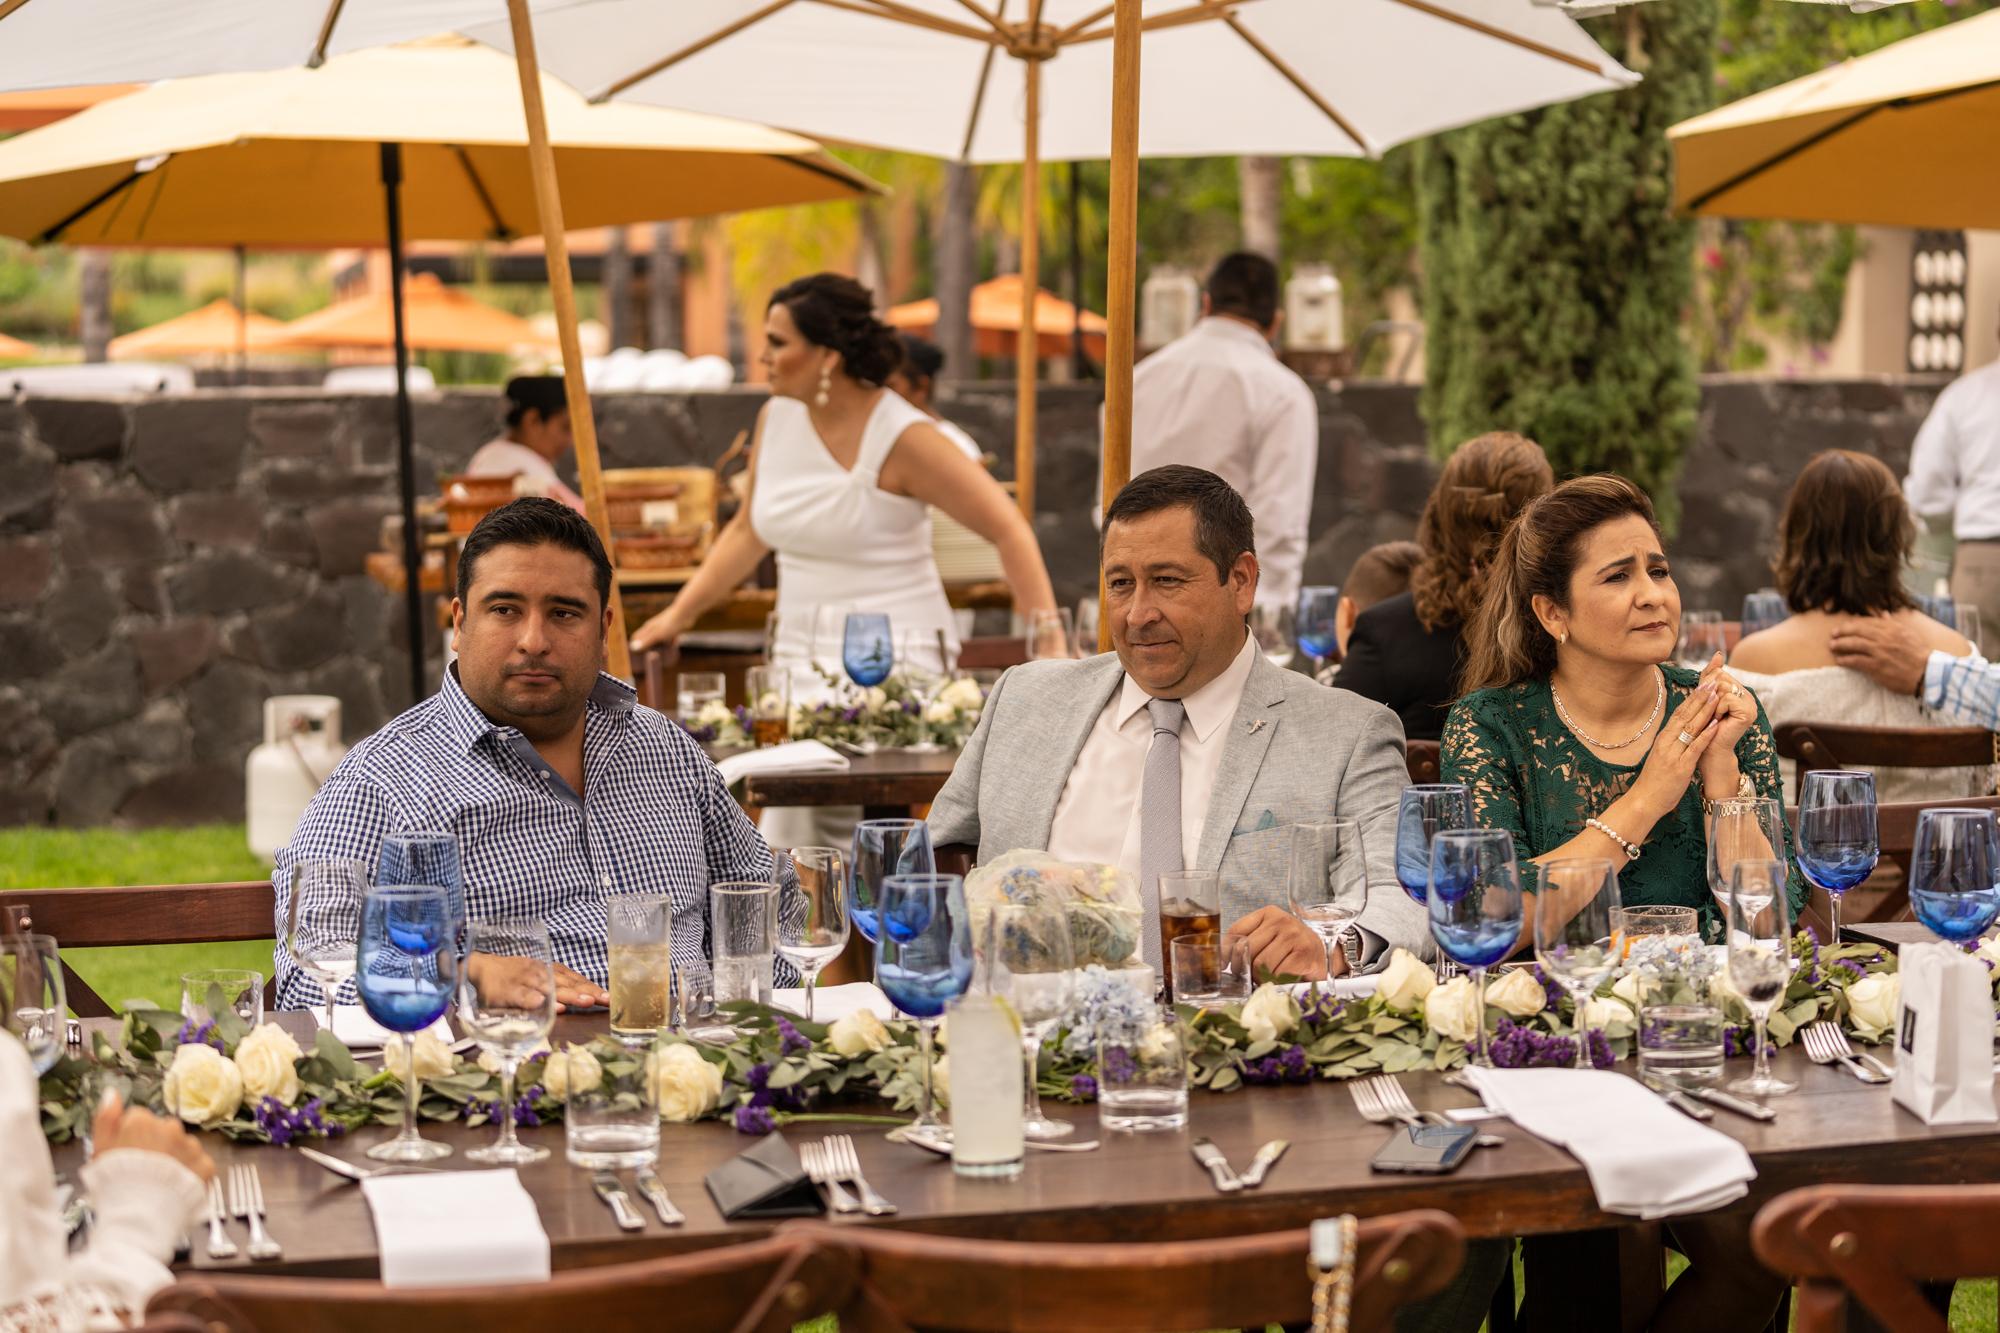 Sesion de Fotos en Rosewood San Migue de Allende del Bautizo de Alfonso-103.jpg